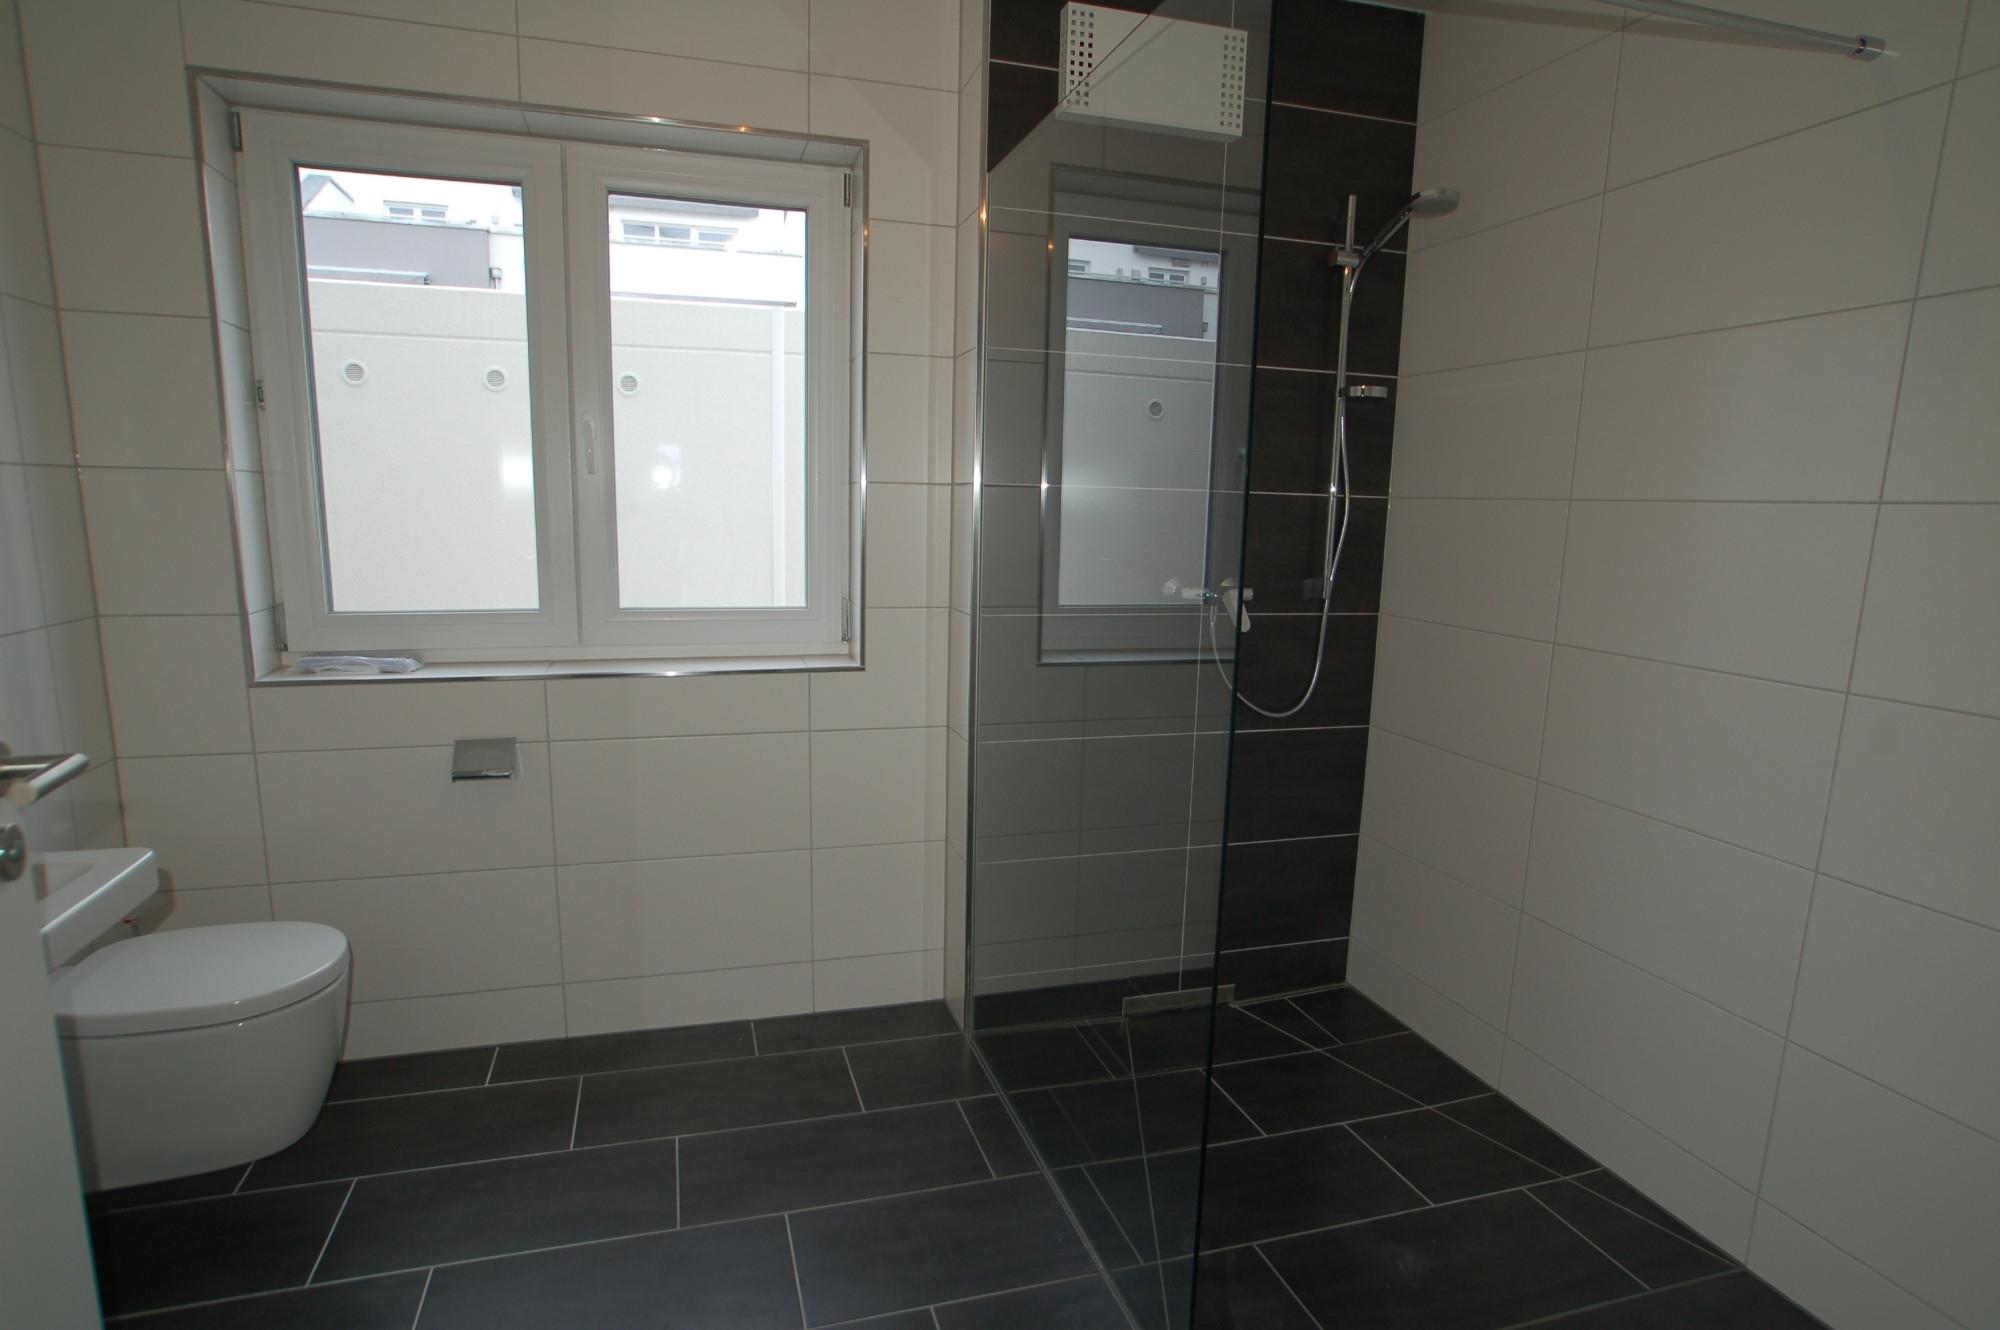 Badezimmer mit großer Dusche